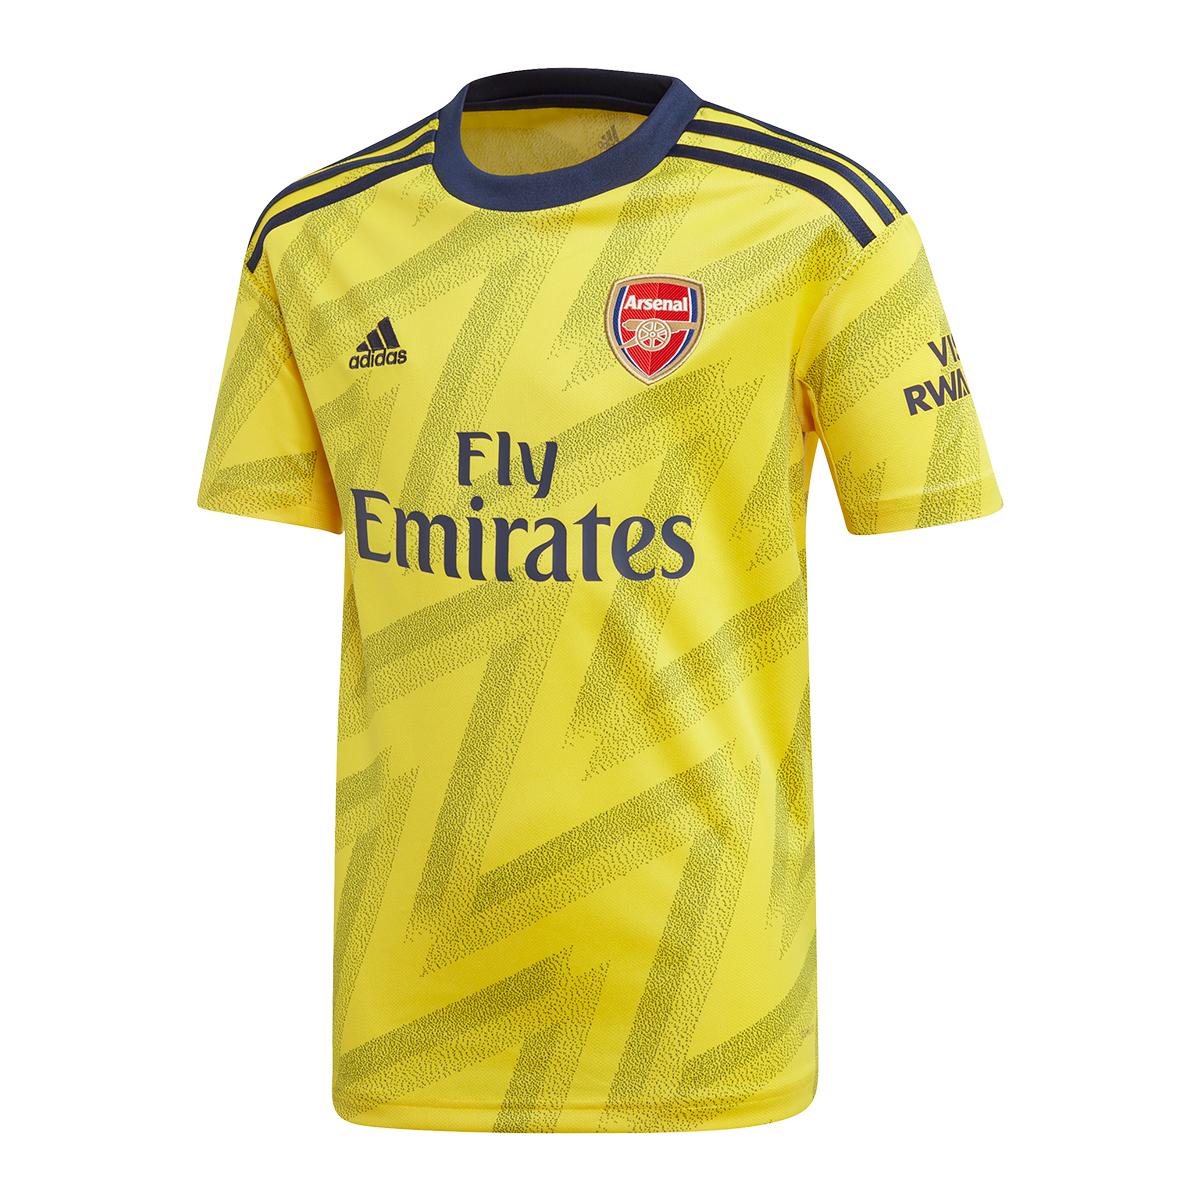 Camiseta adidas Arsenal FC Segunda Equipación 2019 2020